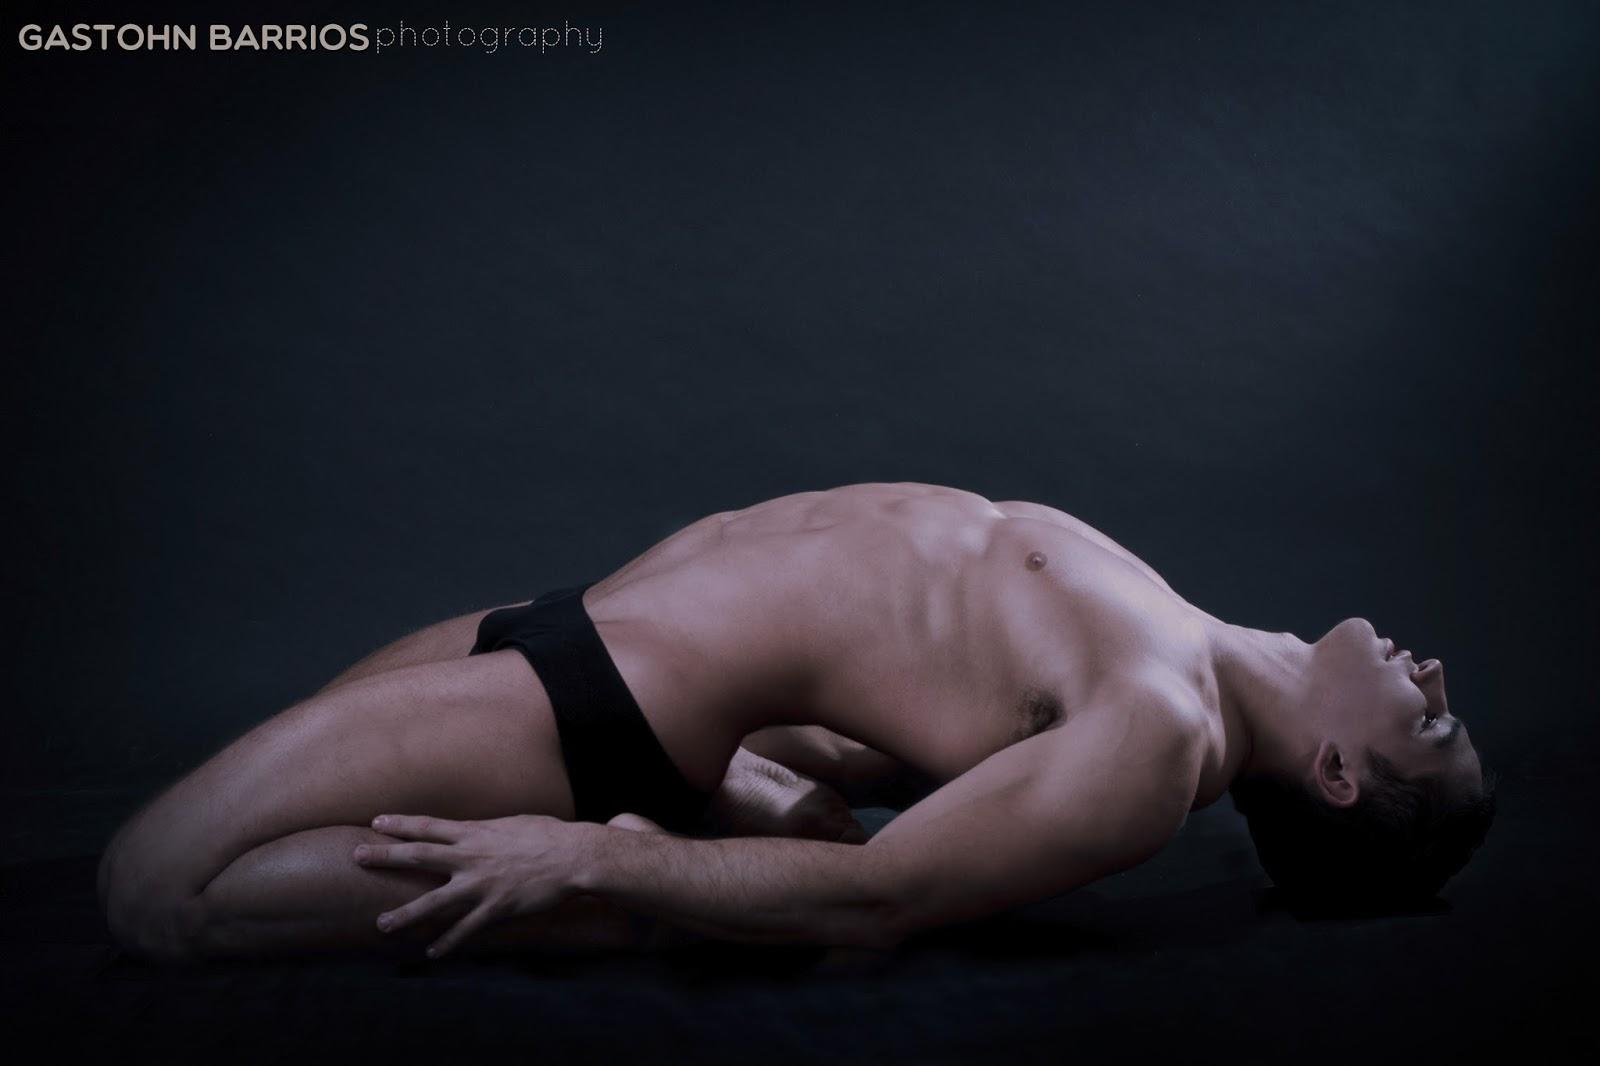 Agustin Rios by Gastohn Barrios